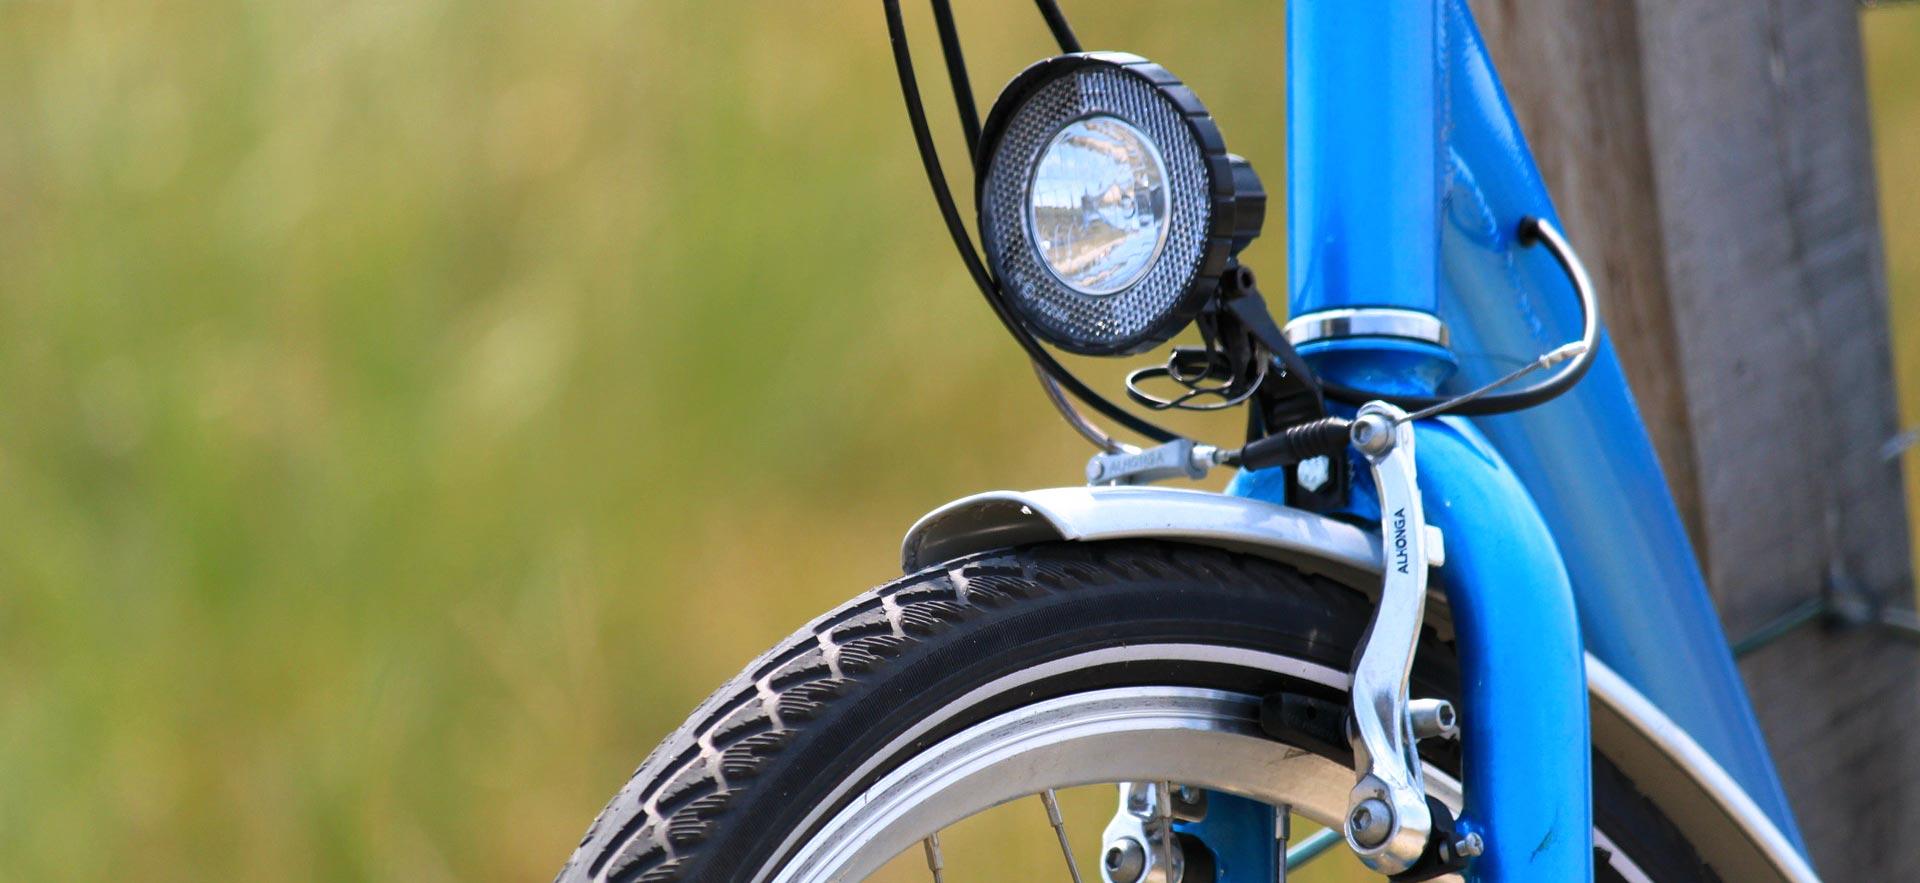 Fairkehr Fahrrad Licht